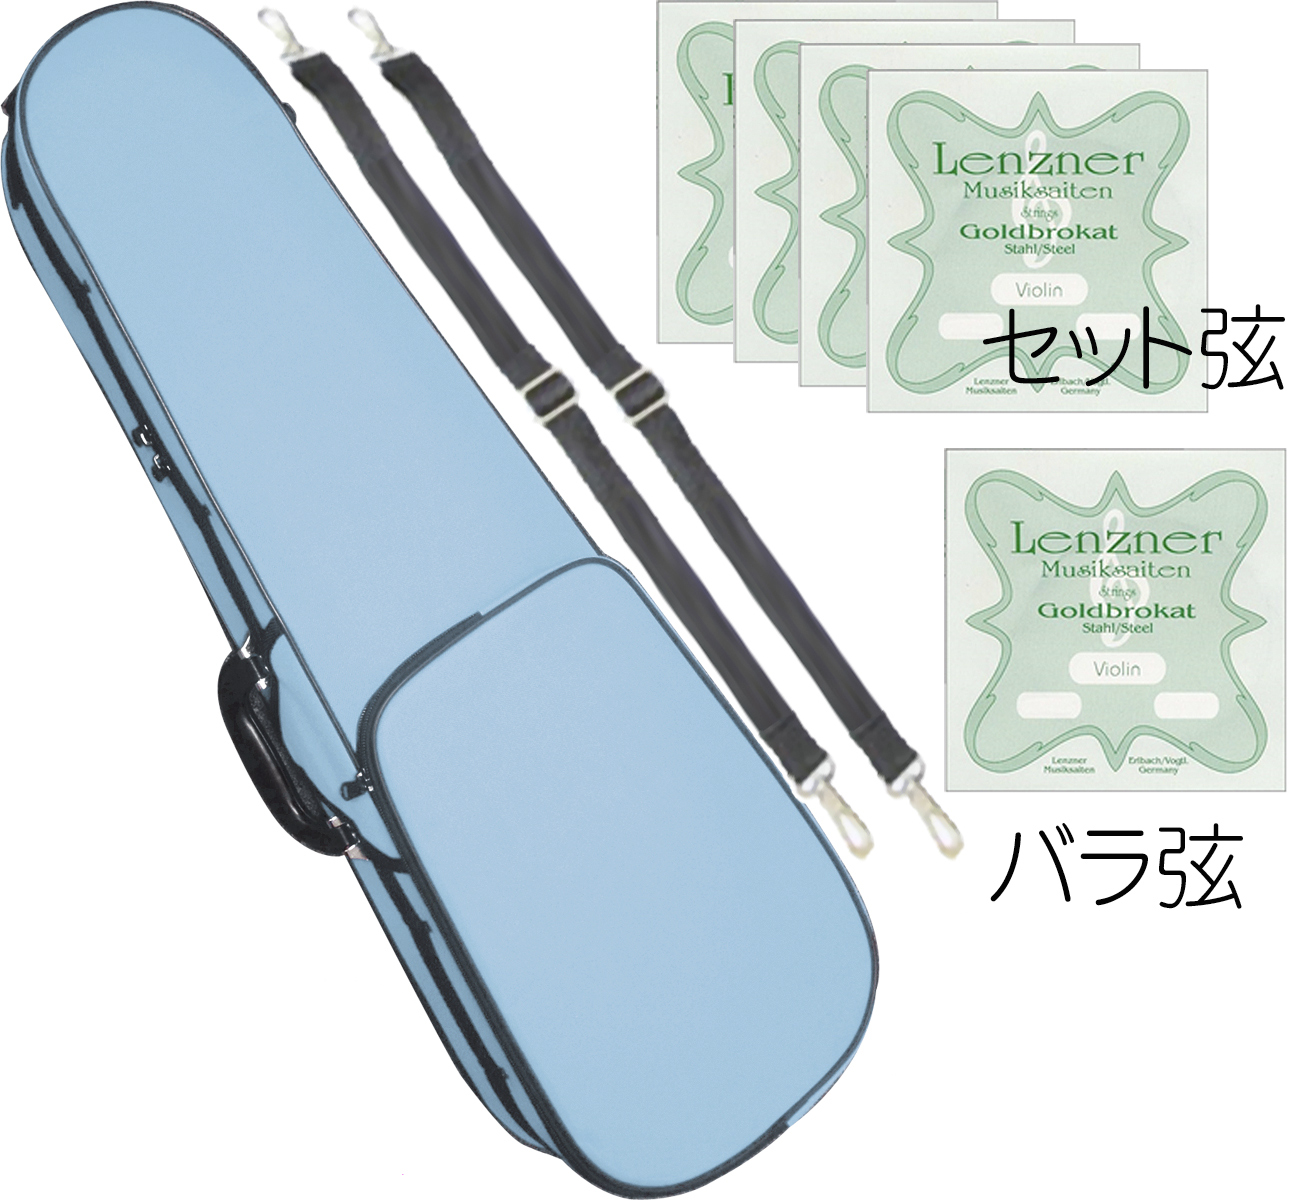 CarloGiordano ( カルロジョルダーノ ) TRC-100C ライトブルー 水色 2分の1 バイオリンケース リュックタイプ セミハードケース ケース violin case 【 TRC100C 1/2 SBL 0.26ボール】